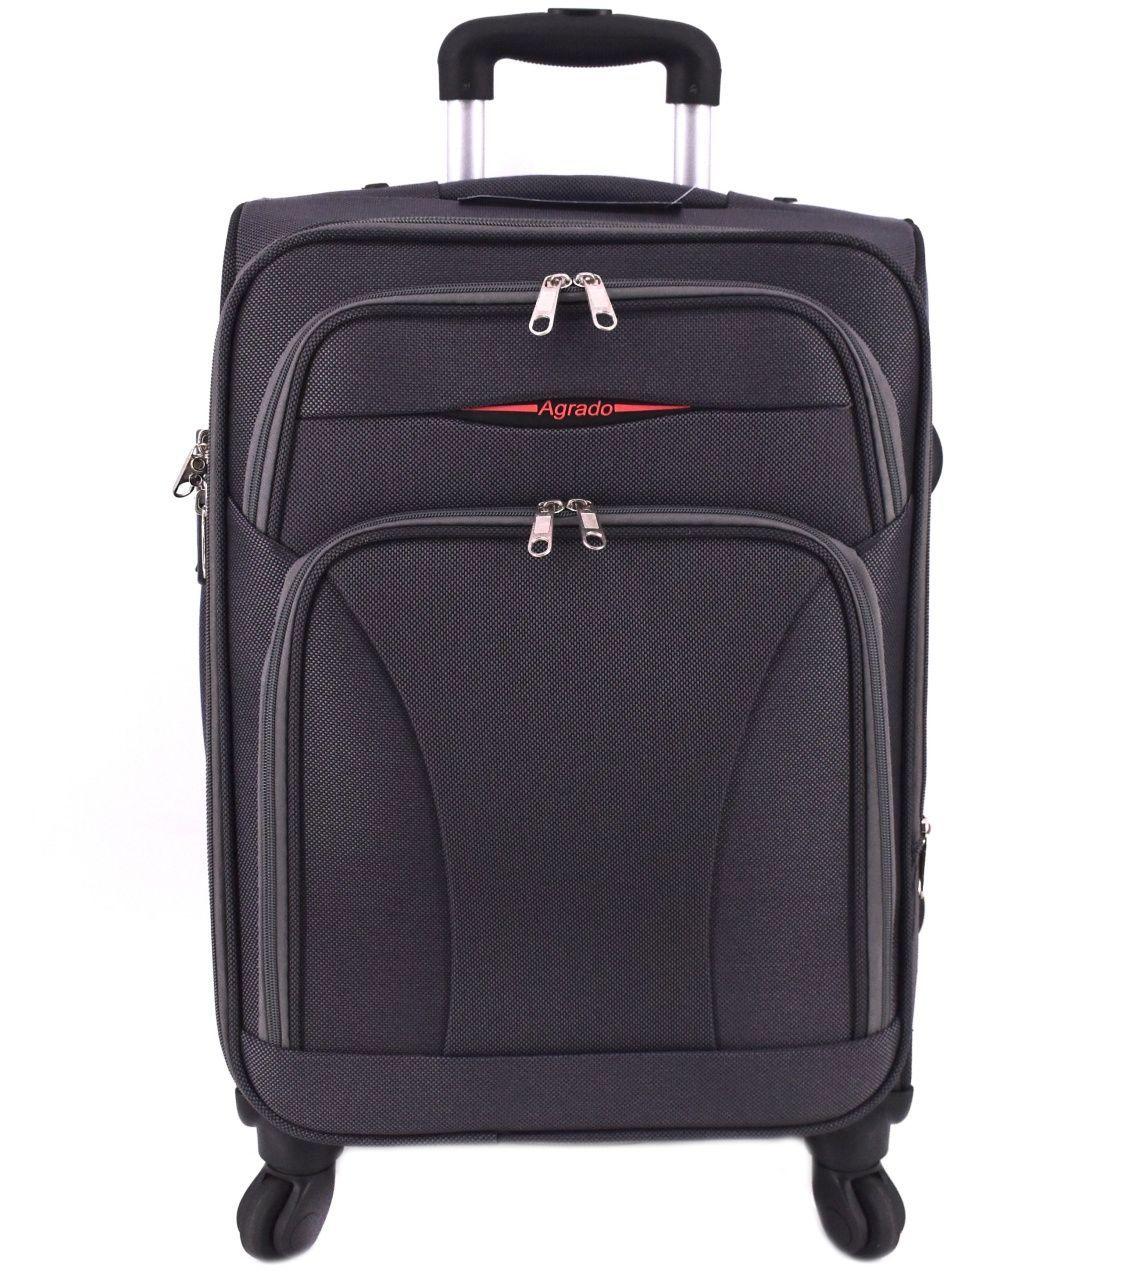 Cestovní textilní kufr na čtyřech kolečkách Agrado (XS) 35l - tmavě šedá 8021 (SX)